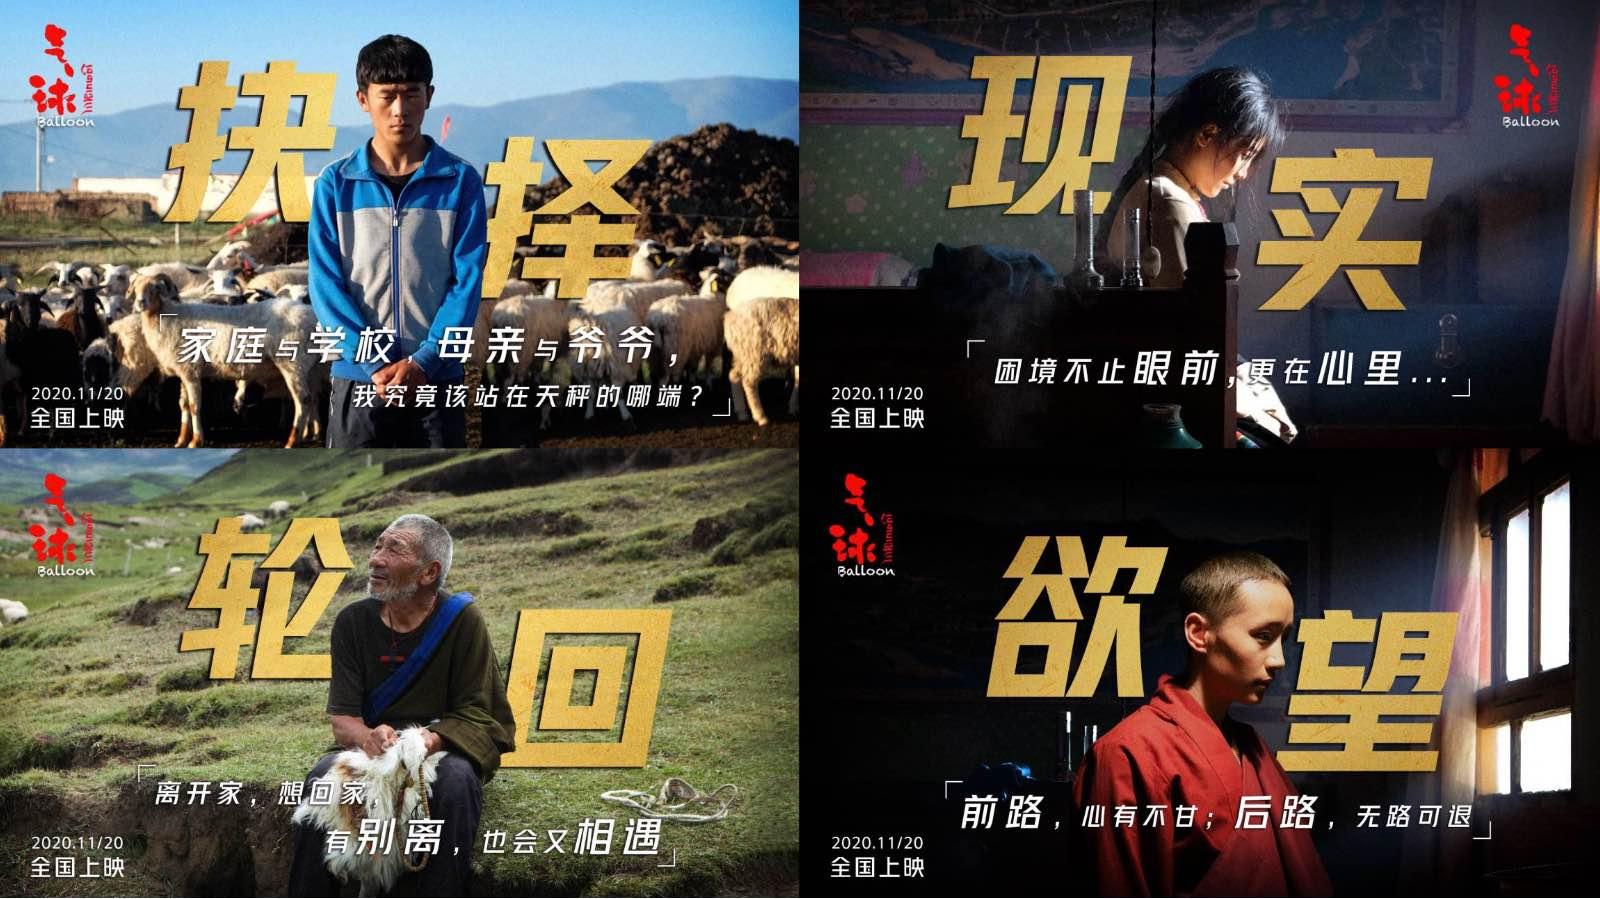 万玛才旦新作《气球》曝人物海报 聚焦藏族家庭代际群像